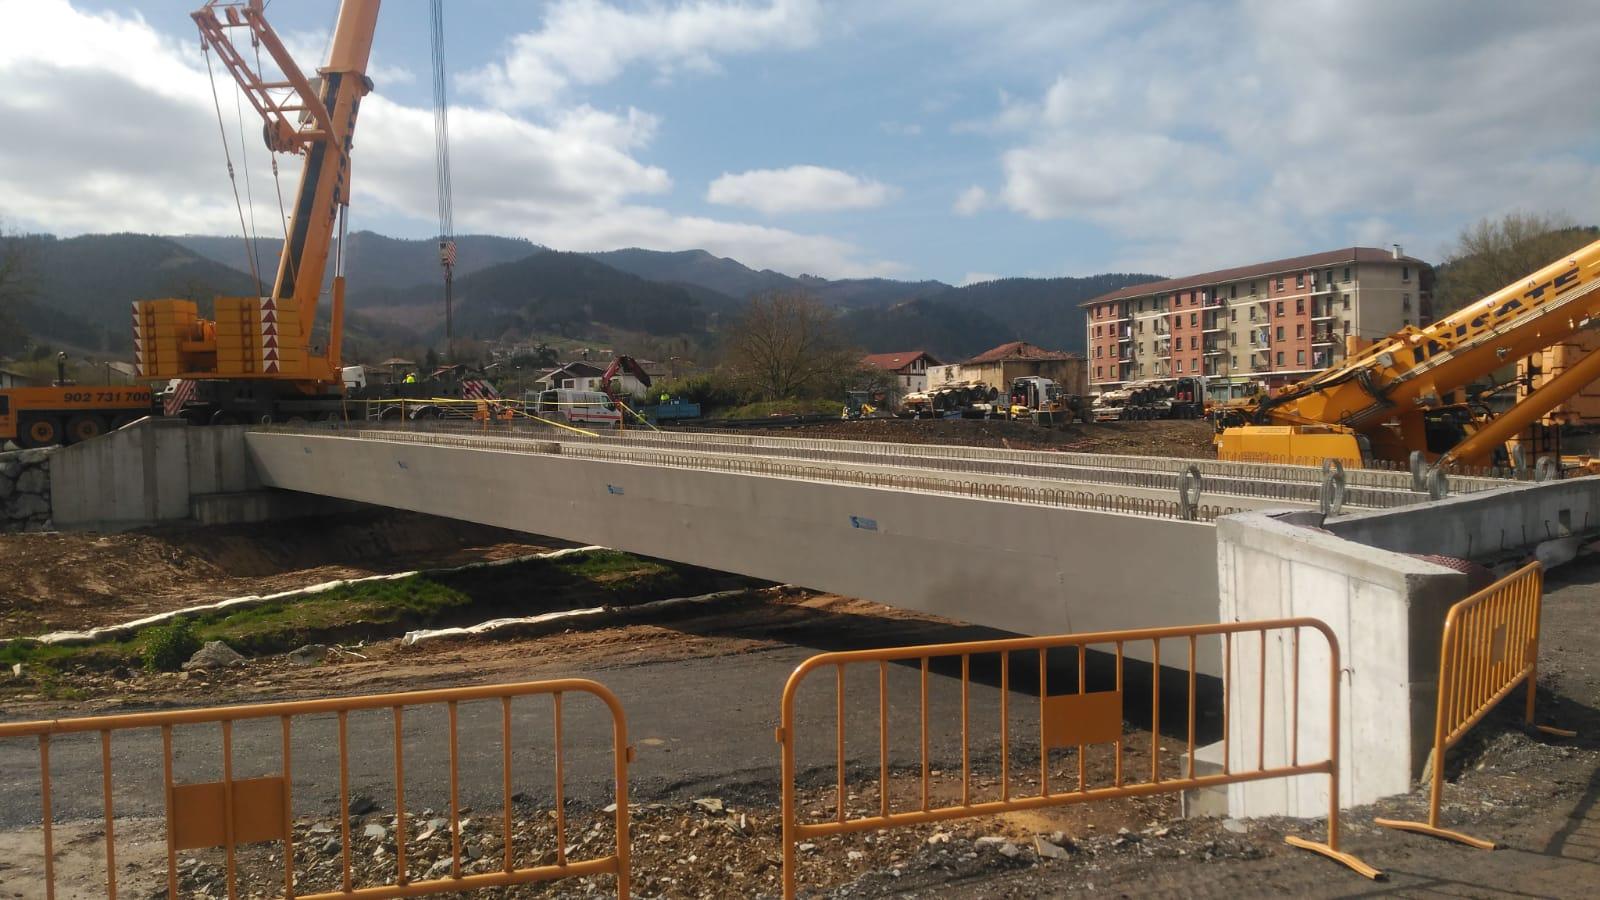 Aretxagako_zubia_berria_eraikitzen_-_Construyendo_el_nuevo_puente_de_Aretxaga.jpg